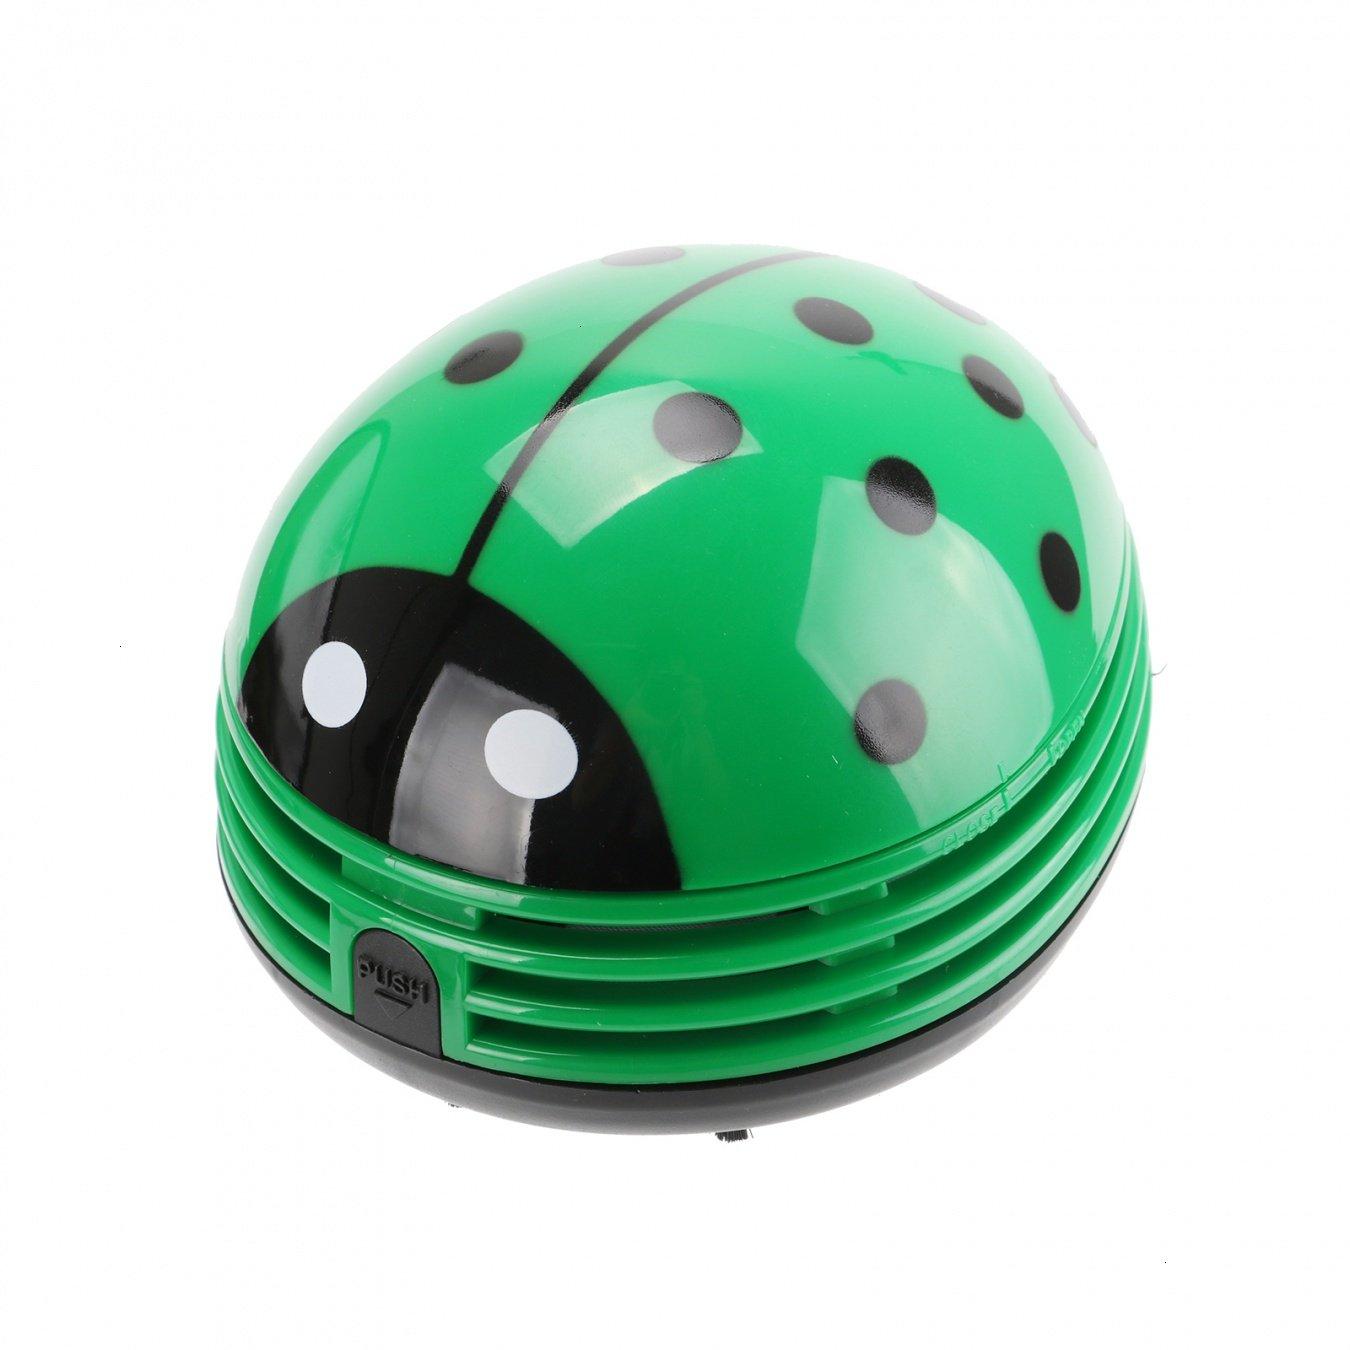 VOYEE Cute Portable Beetle Ladybug Cartoon Mini Desktop Vacuum Desk Dust Cleaner Green by VOYEE (Image #1)